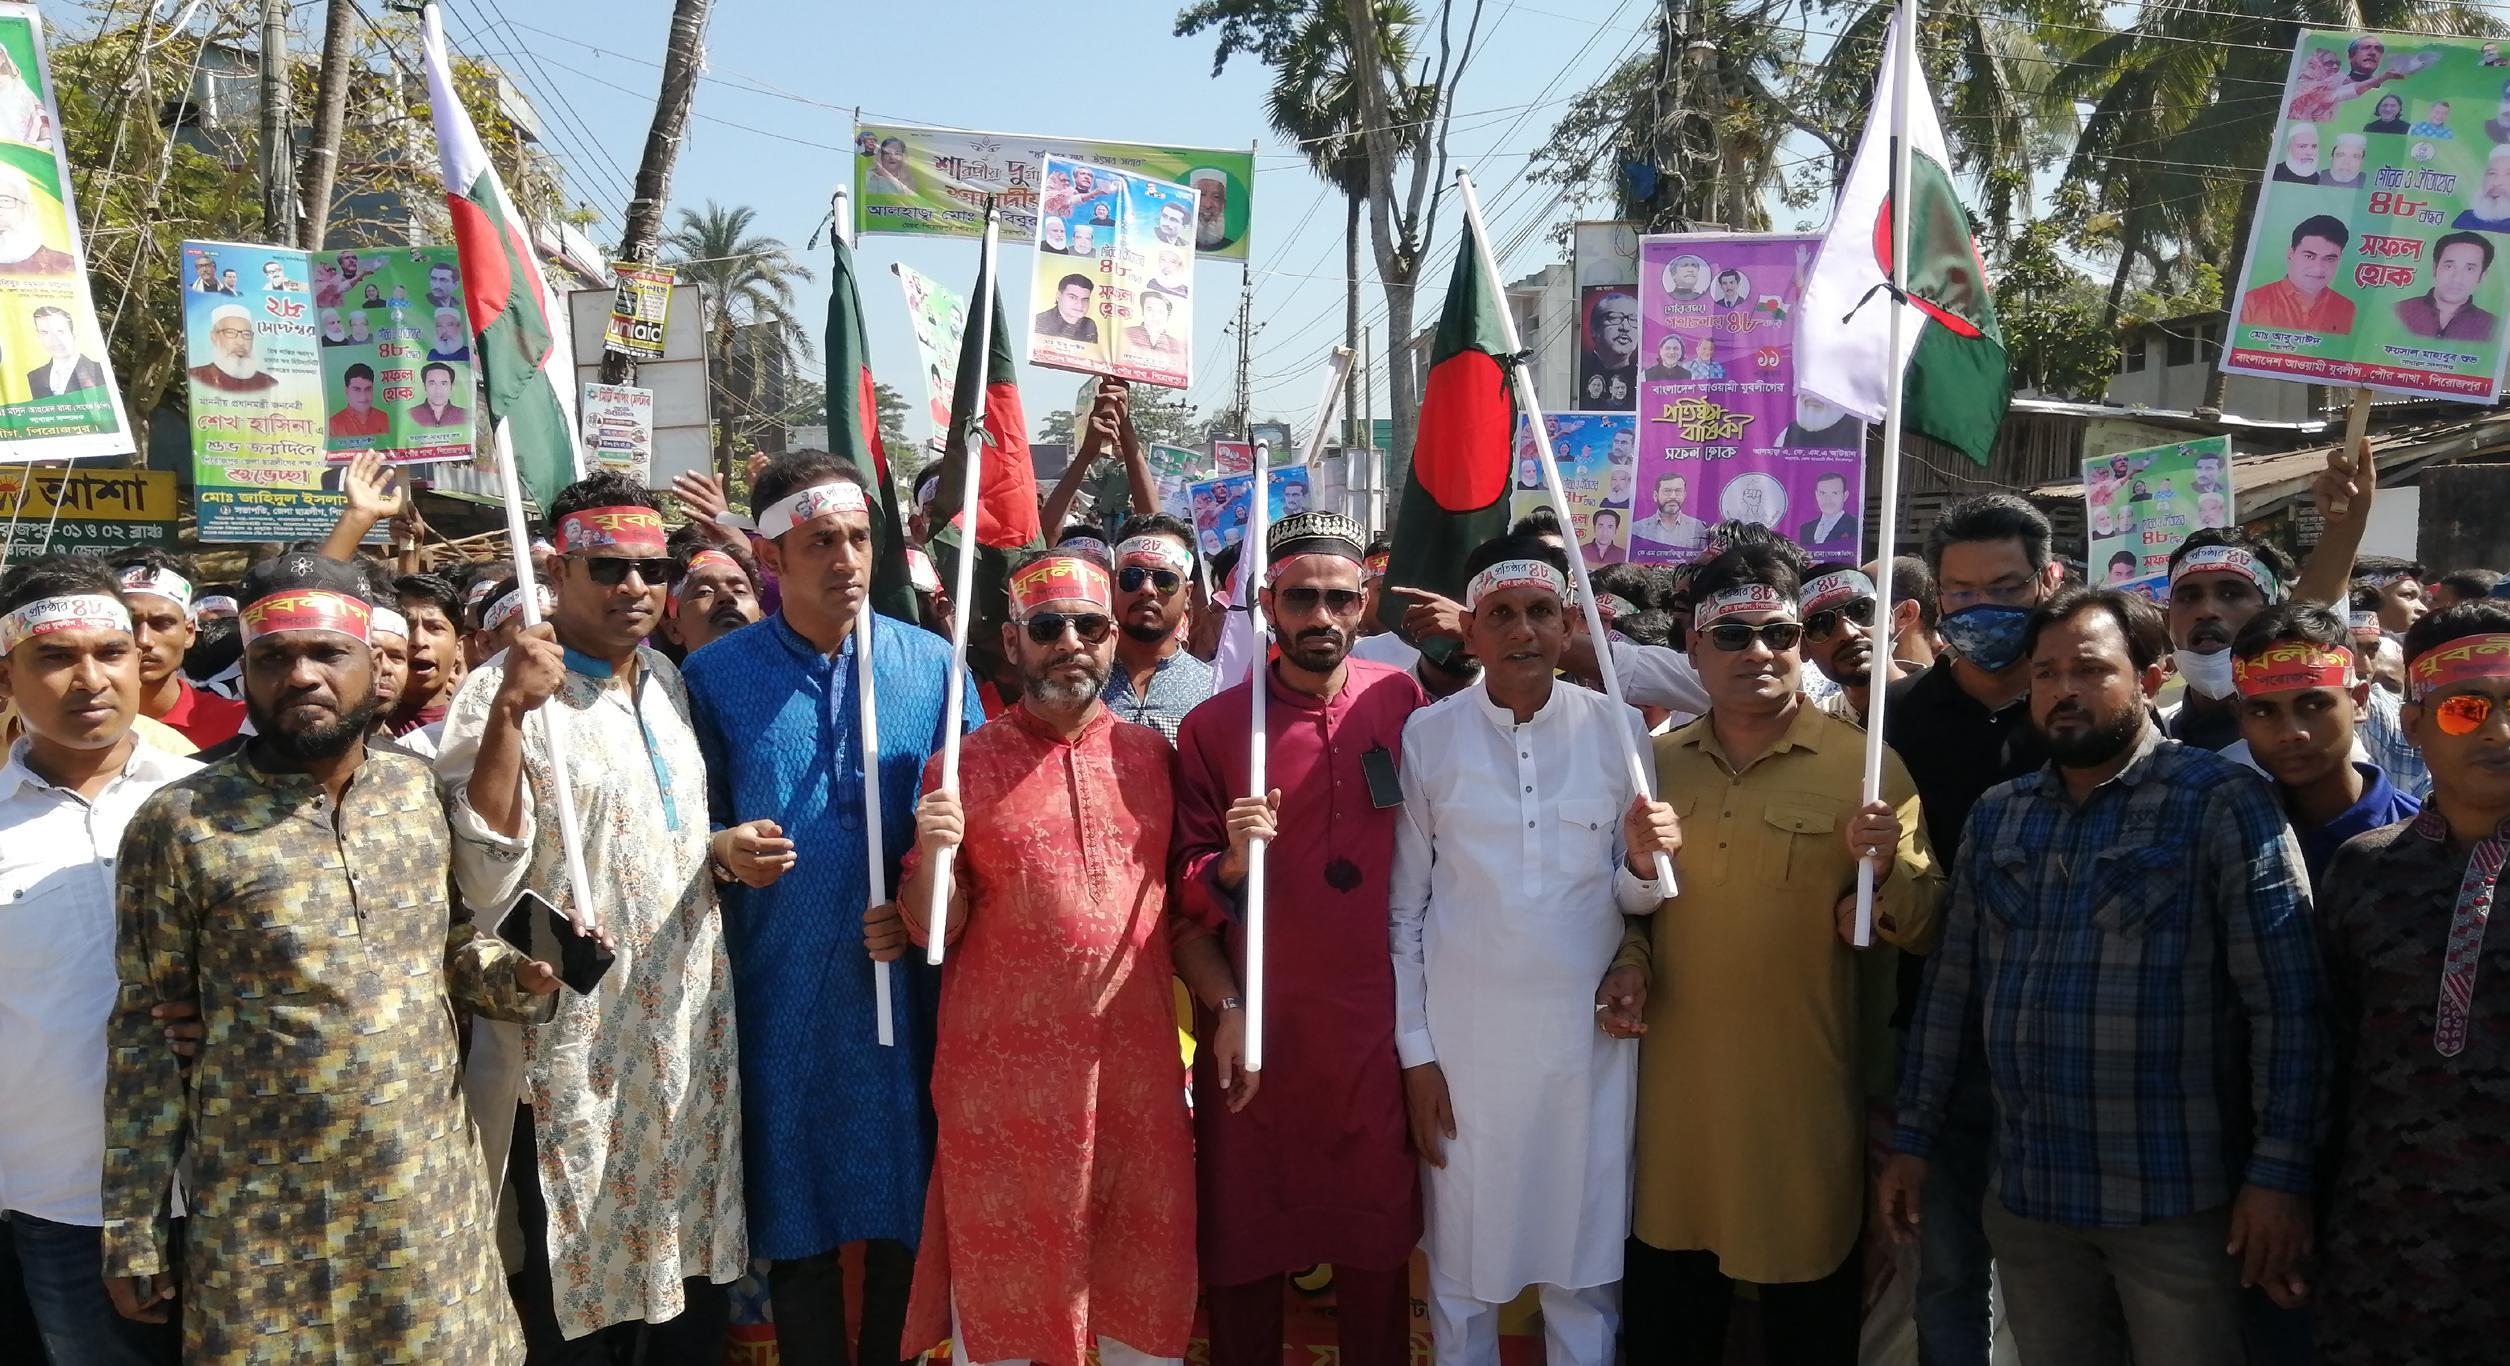 পিরোজপুরে যুবলীগের ৪৮তম প্রতিষ্ঠা বার্ষিকীতে র্যালী ও যুব সমাবেশ অনুষ্ঠিত